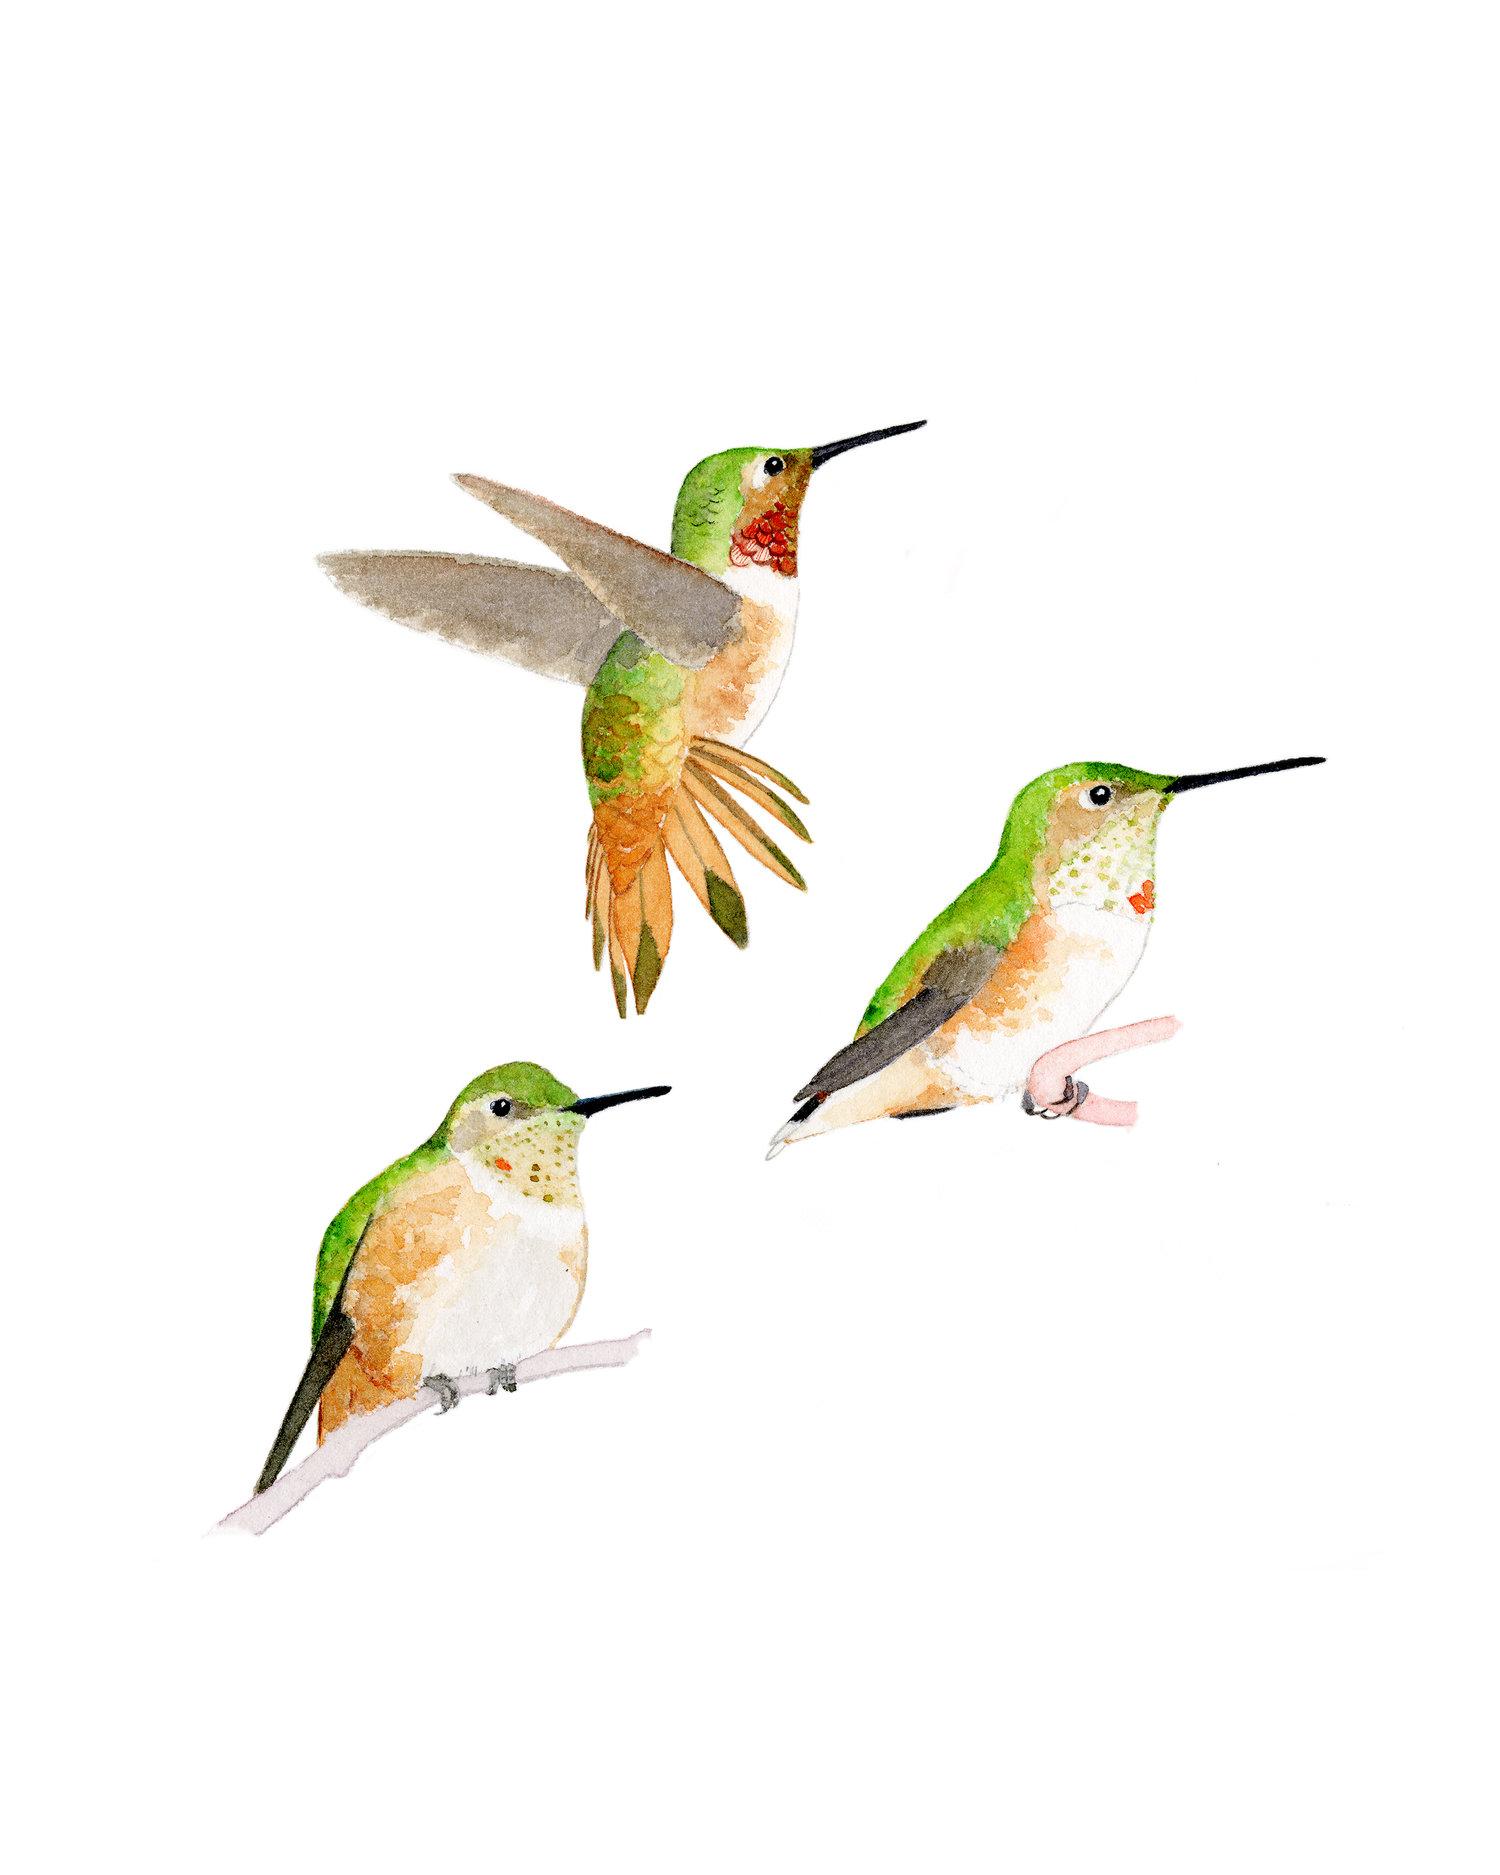 Allen's Hummingbirds (Selasphorus sasin)